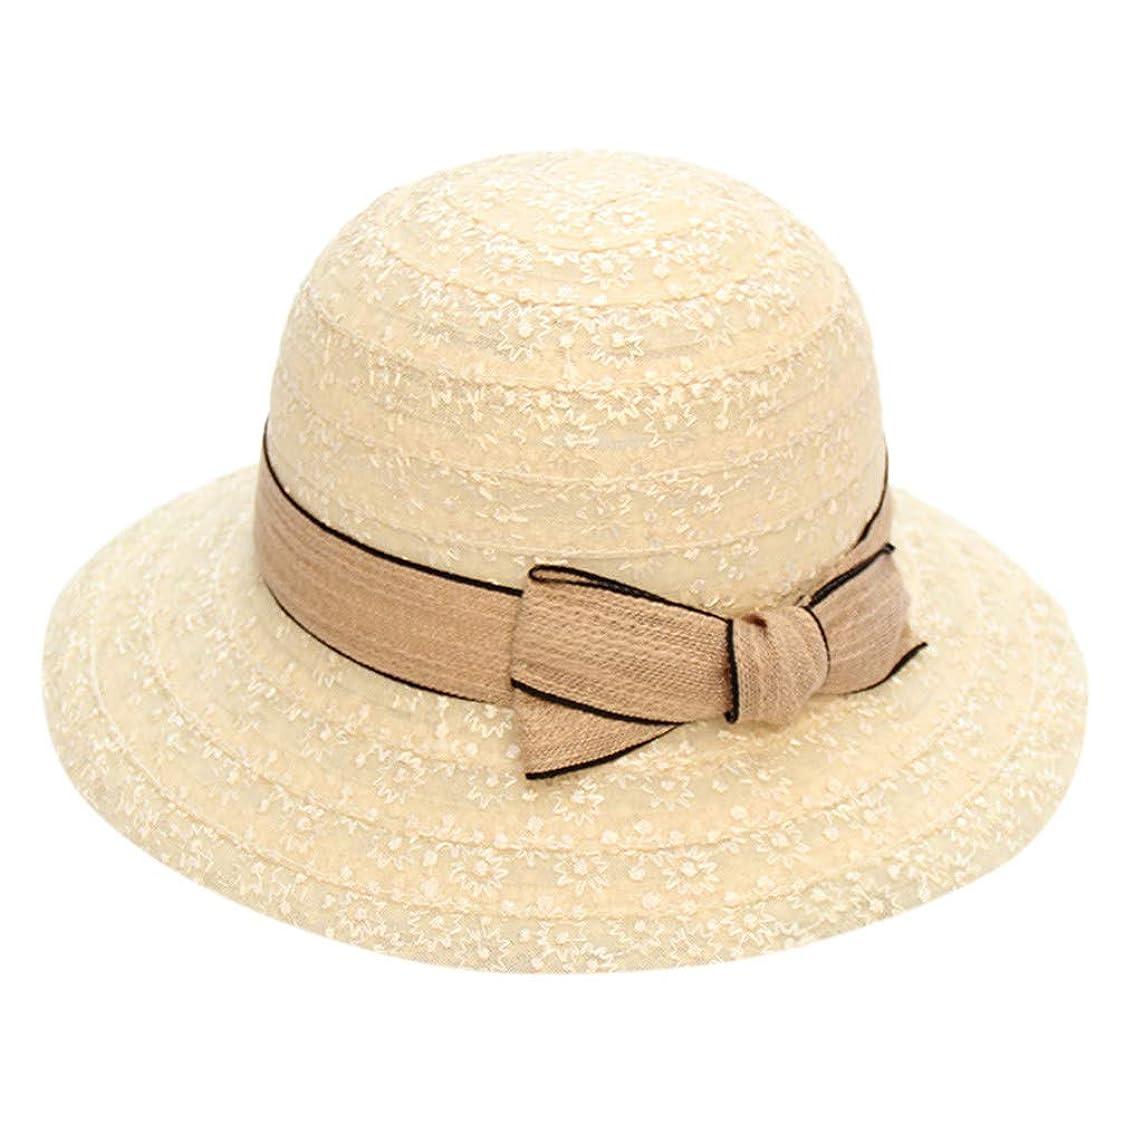 ただ十分ではないパックUVカット 帽子 レディース uv ハット 日除け ハット 日除け キャップ 小顔効果 紫外線対策 キャップ 帽子 日焼け防止 軽量 熱中症予防 つば広 おしゃれ 可愛い 夏季 シルクハット 女優帽 アウトドア 海 リゾート ROSE ROMAN